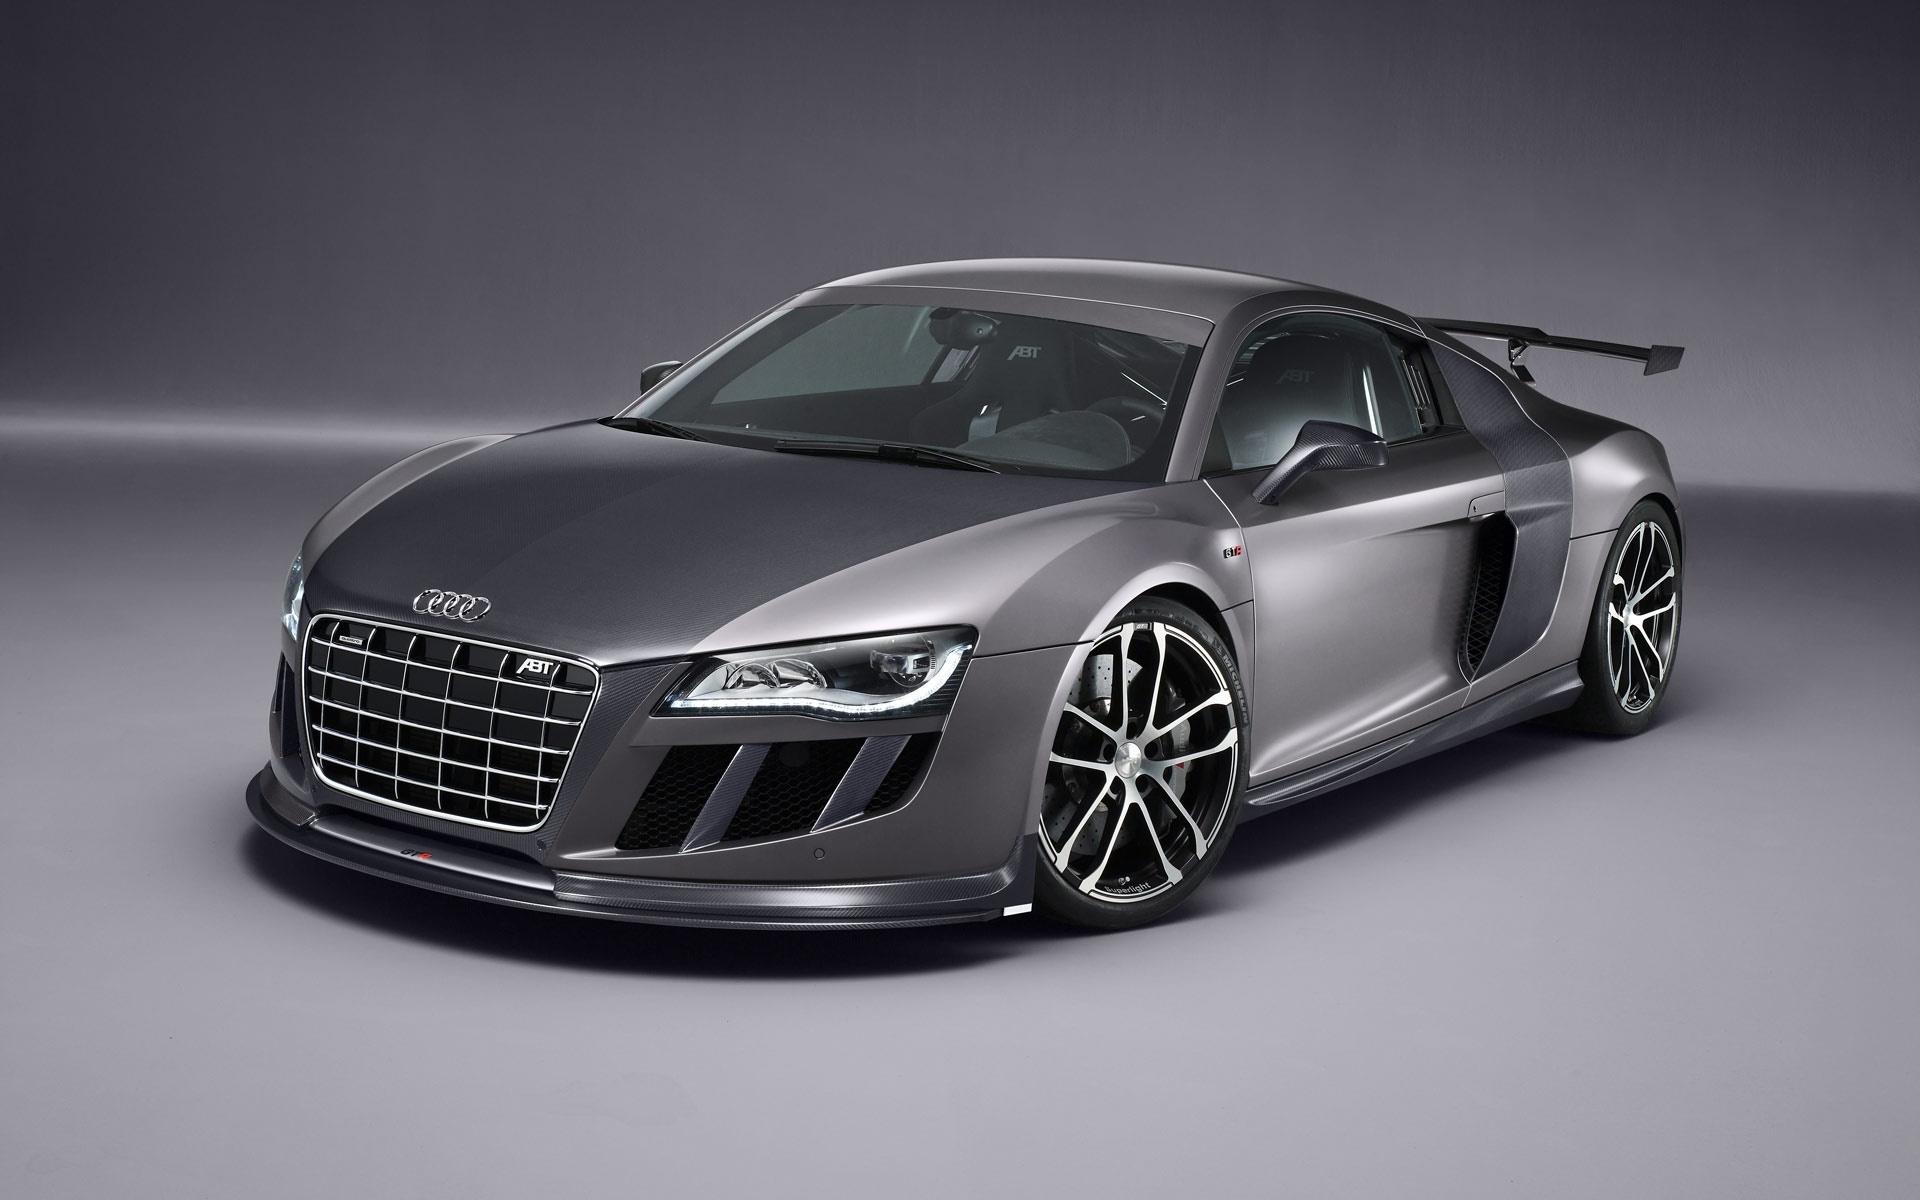 46425 скачать обои Транспорт, Машины, Ауди (Audi) - заставки и картинки бесплатно